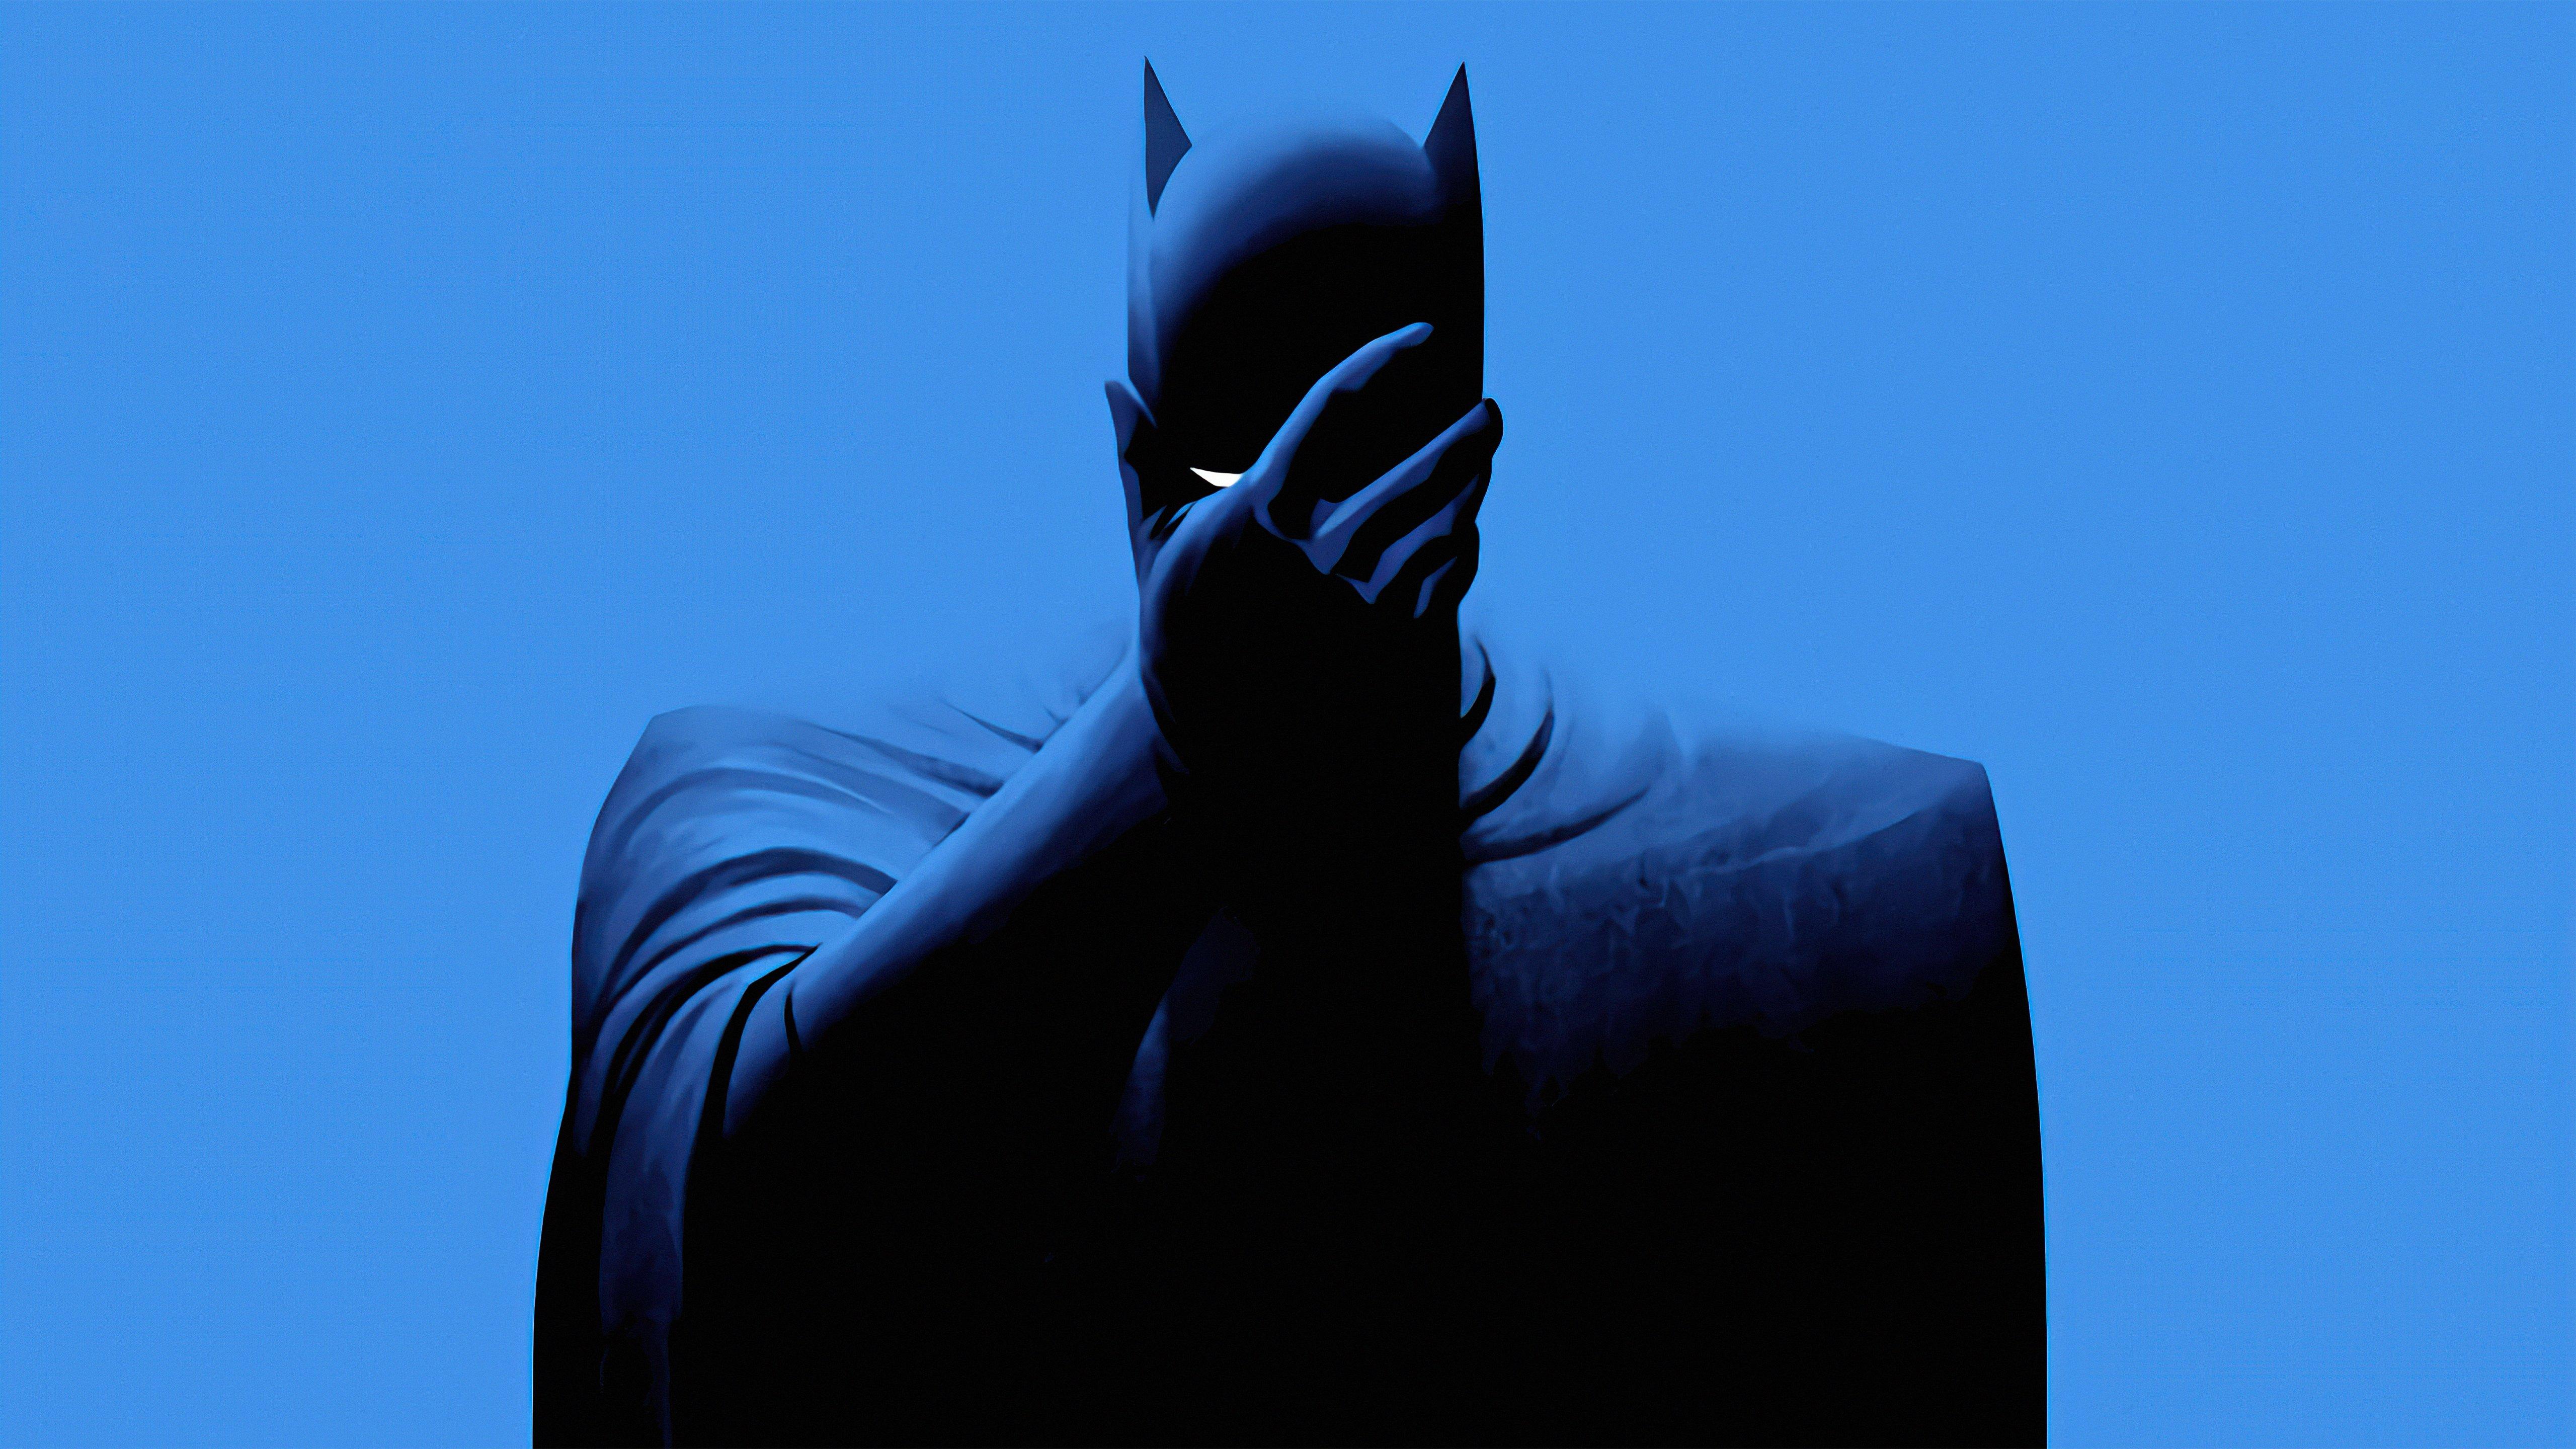 Fondos de pantalla Batman Estilo minimalista fondo azul